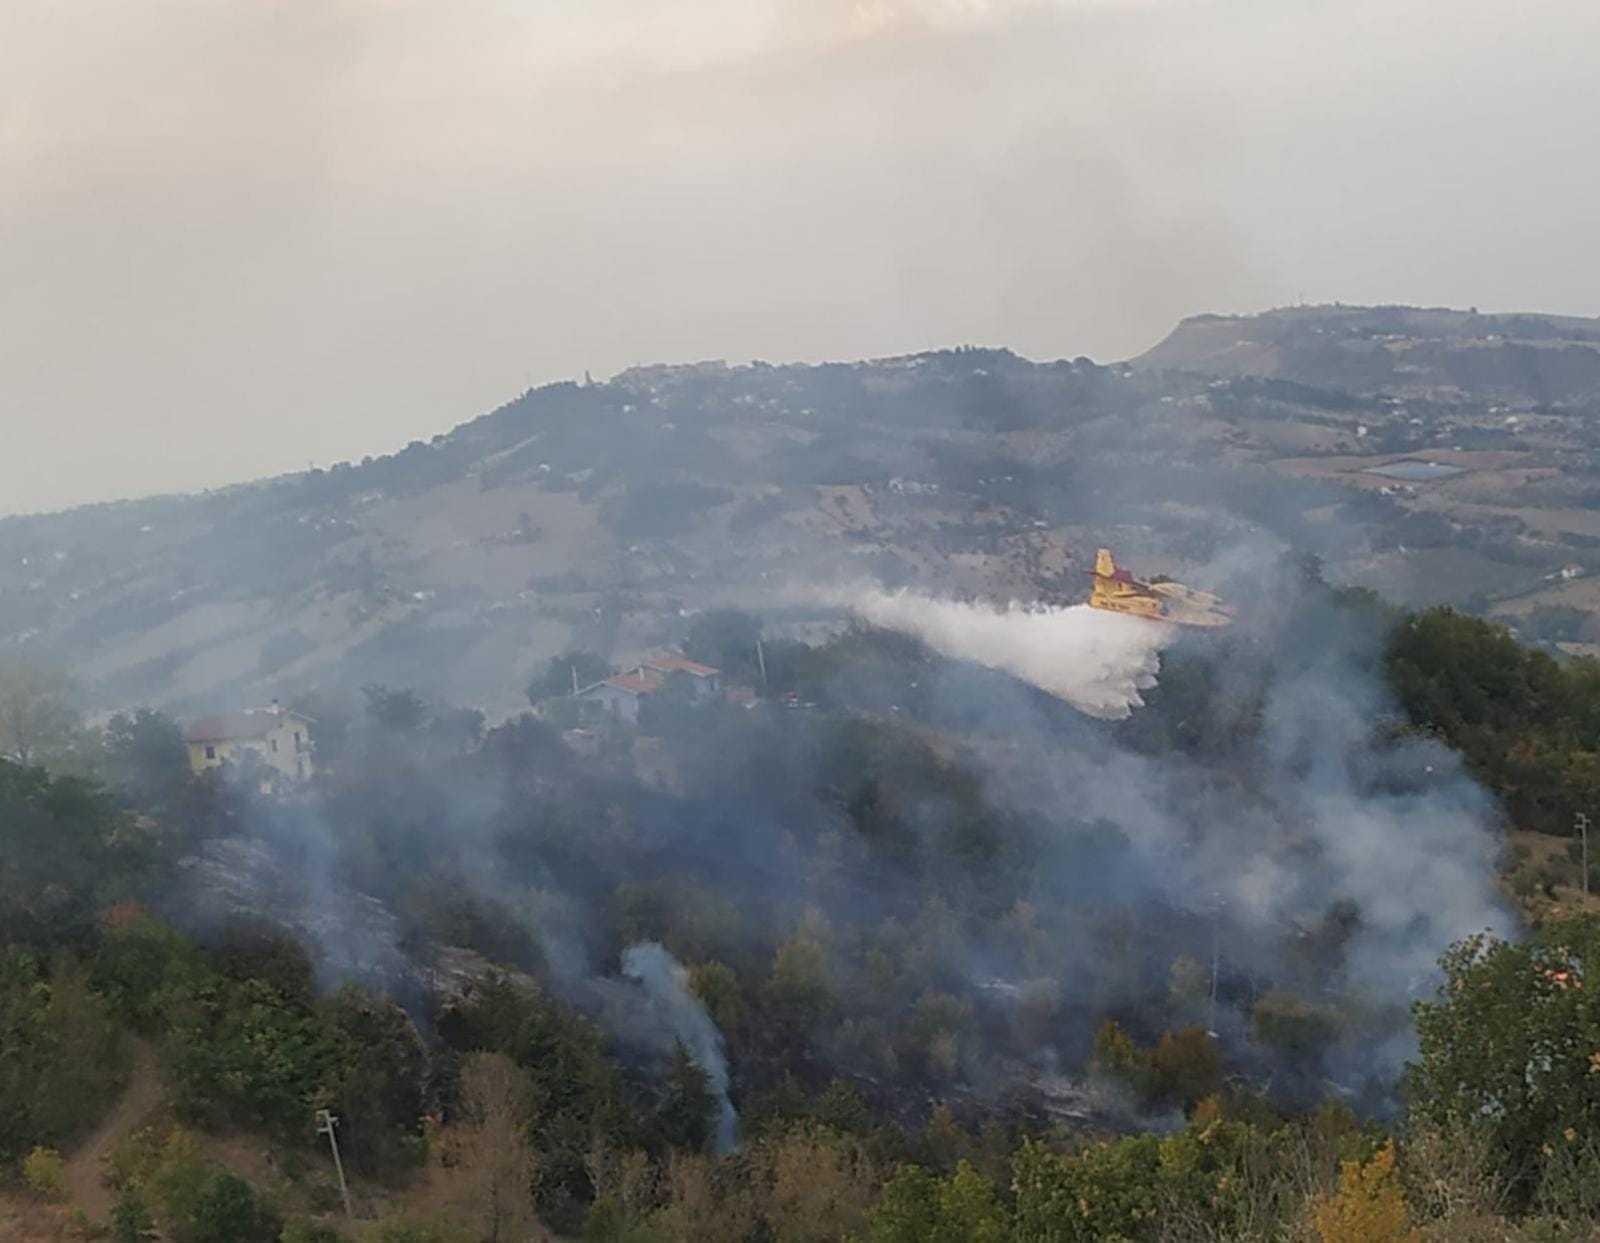 incendio-di-bosco-a-cermignano:-sul-posto-anche-un-canadair